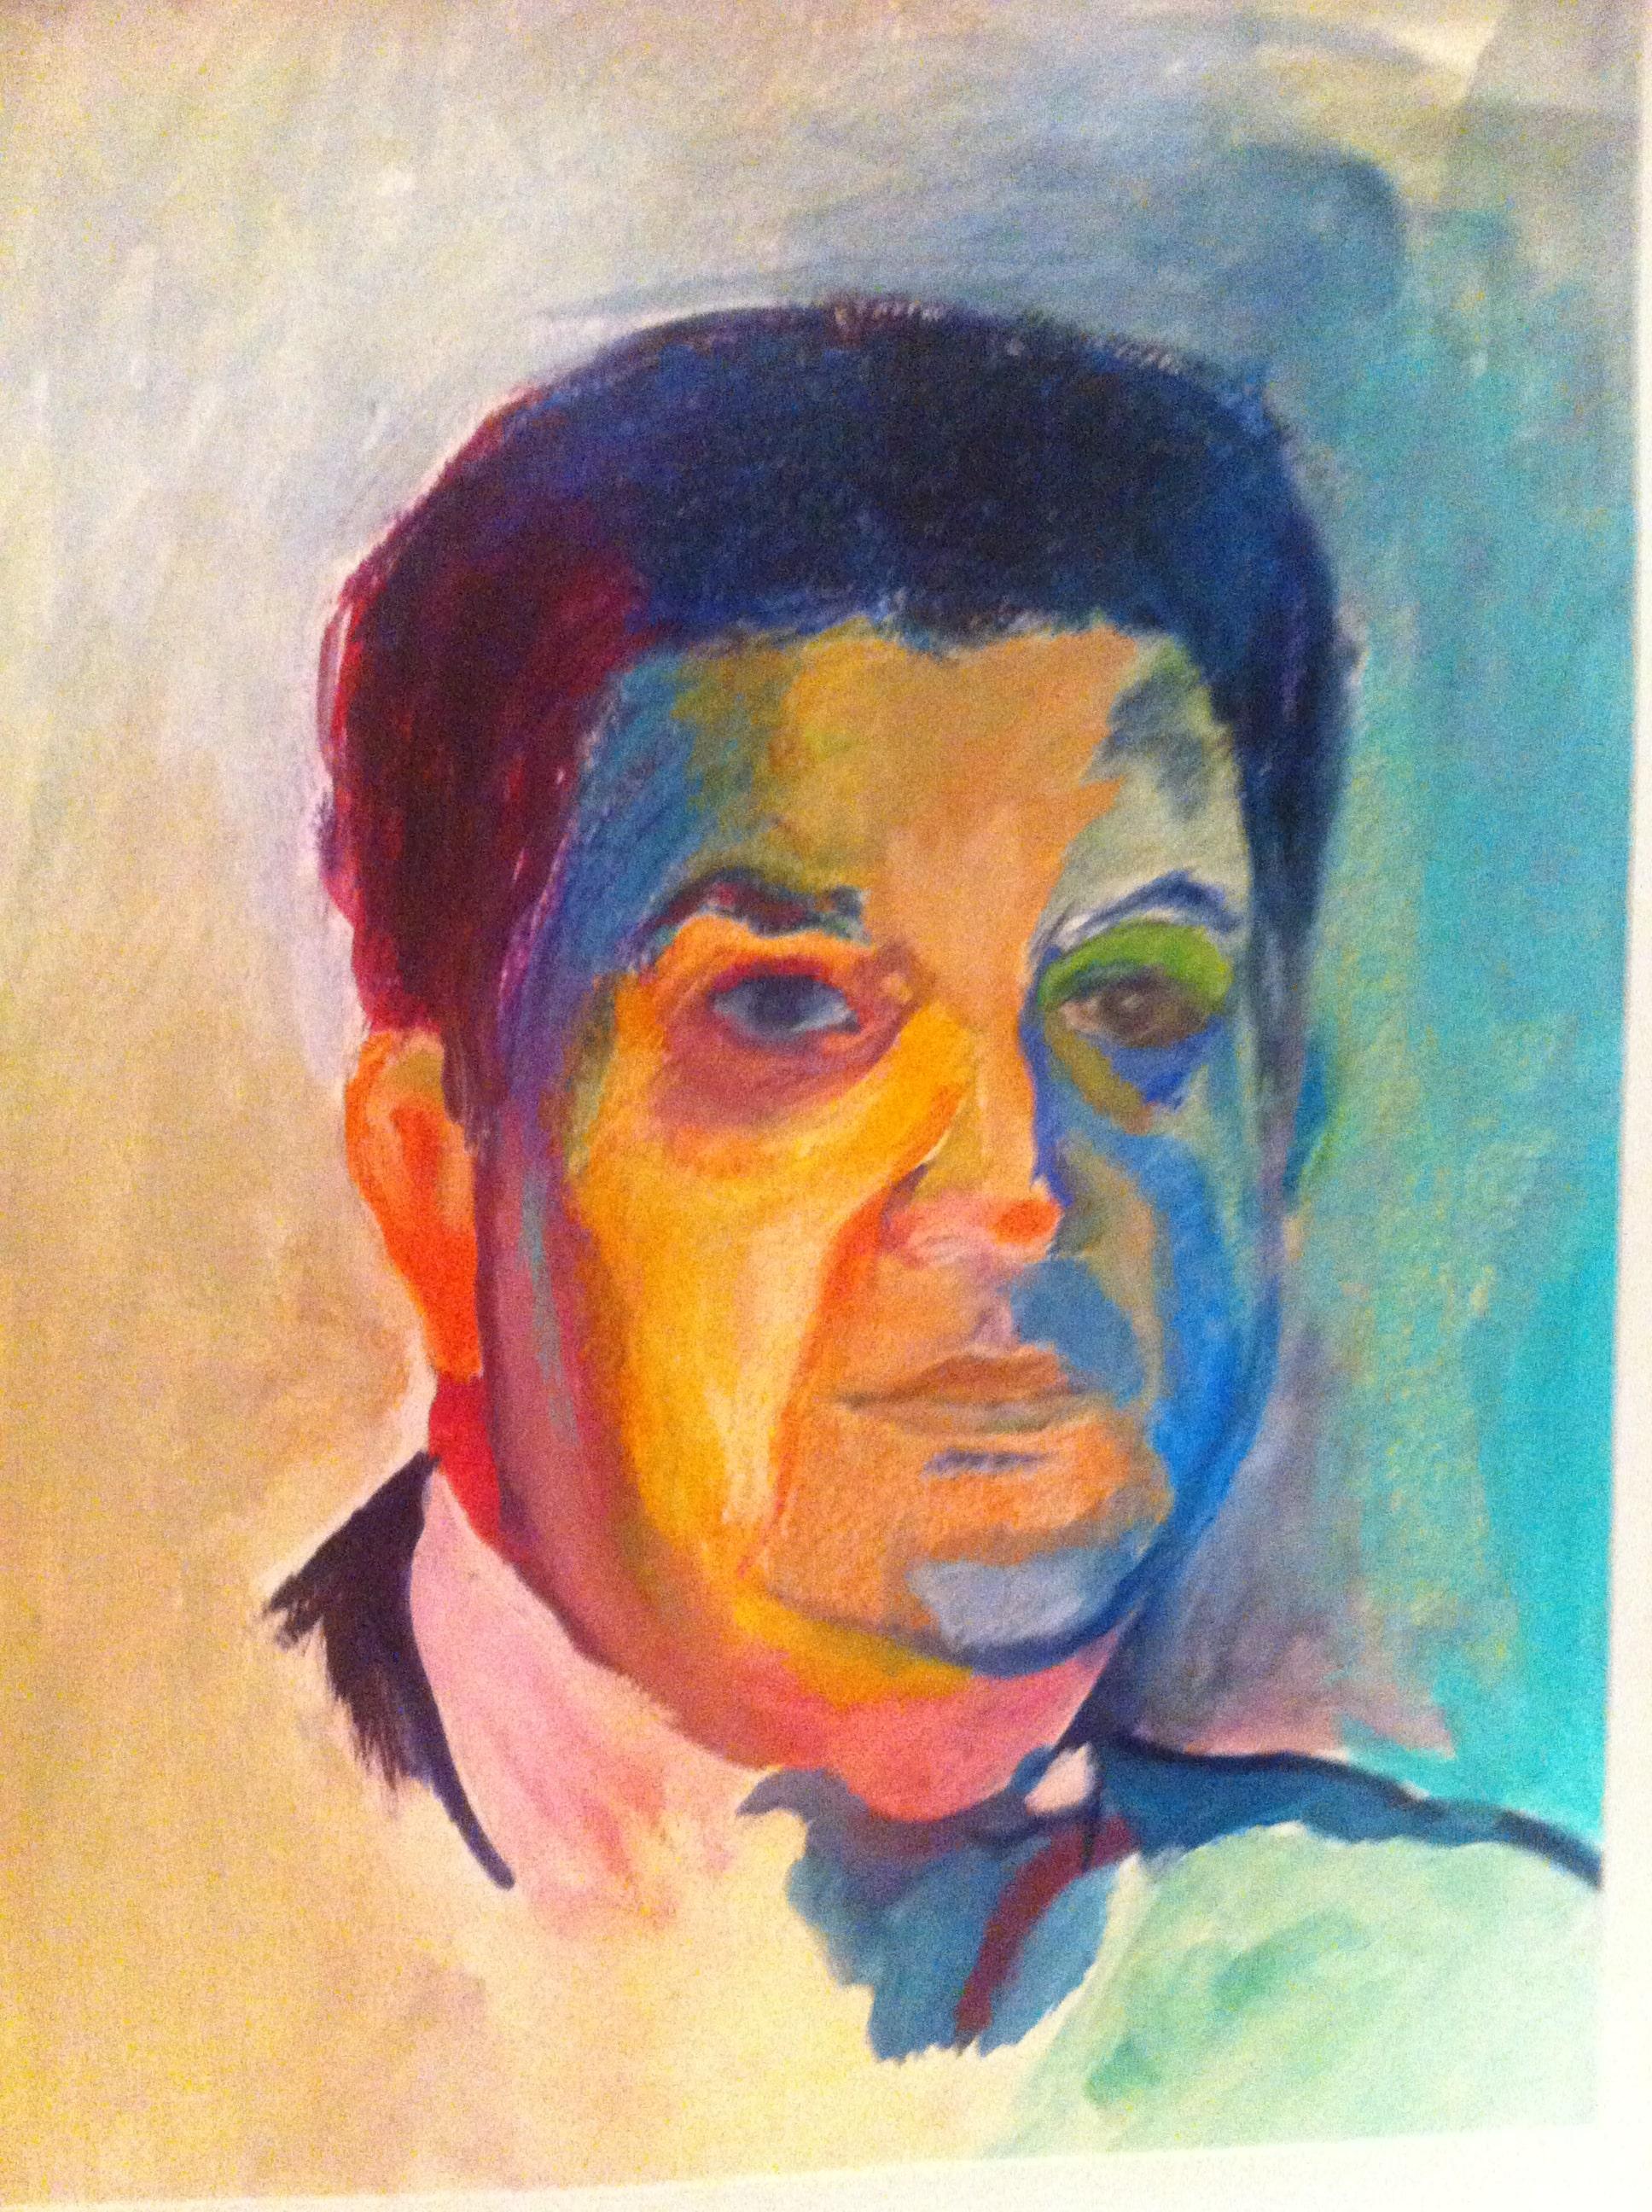 Hôtes et artistes en poitou - Portrait d'yves-marie adeline, huile sur papier